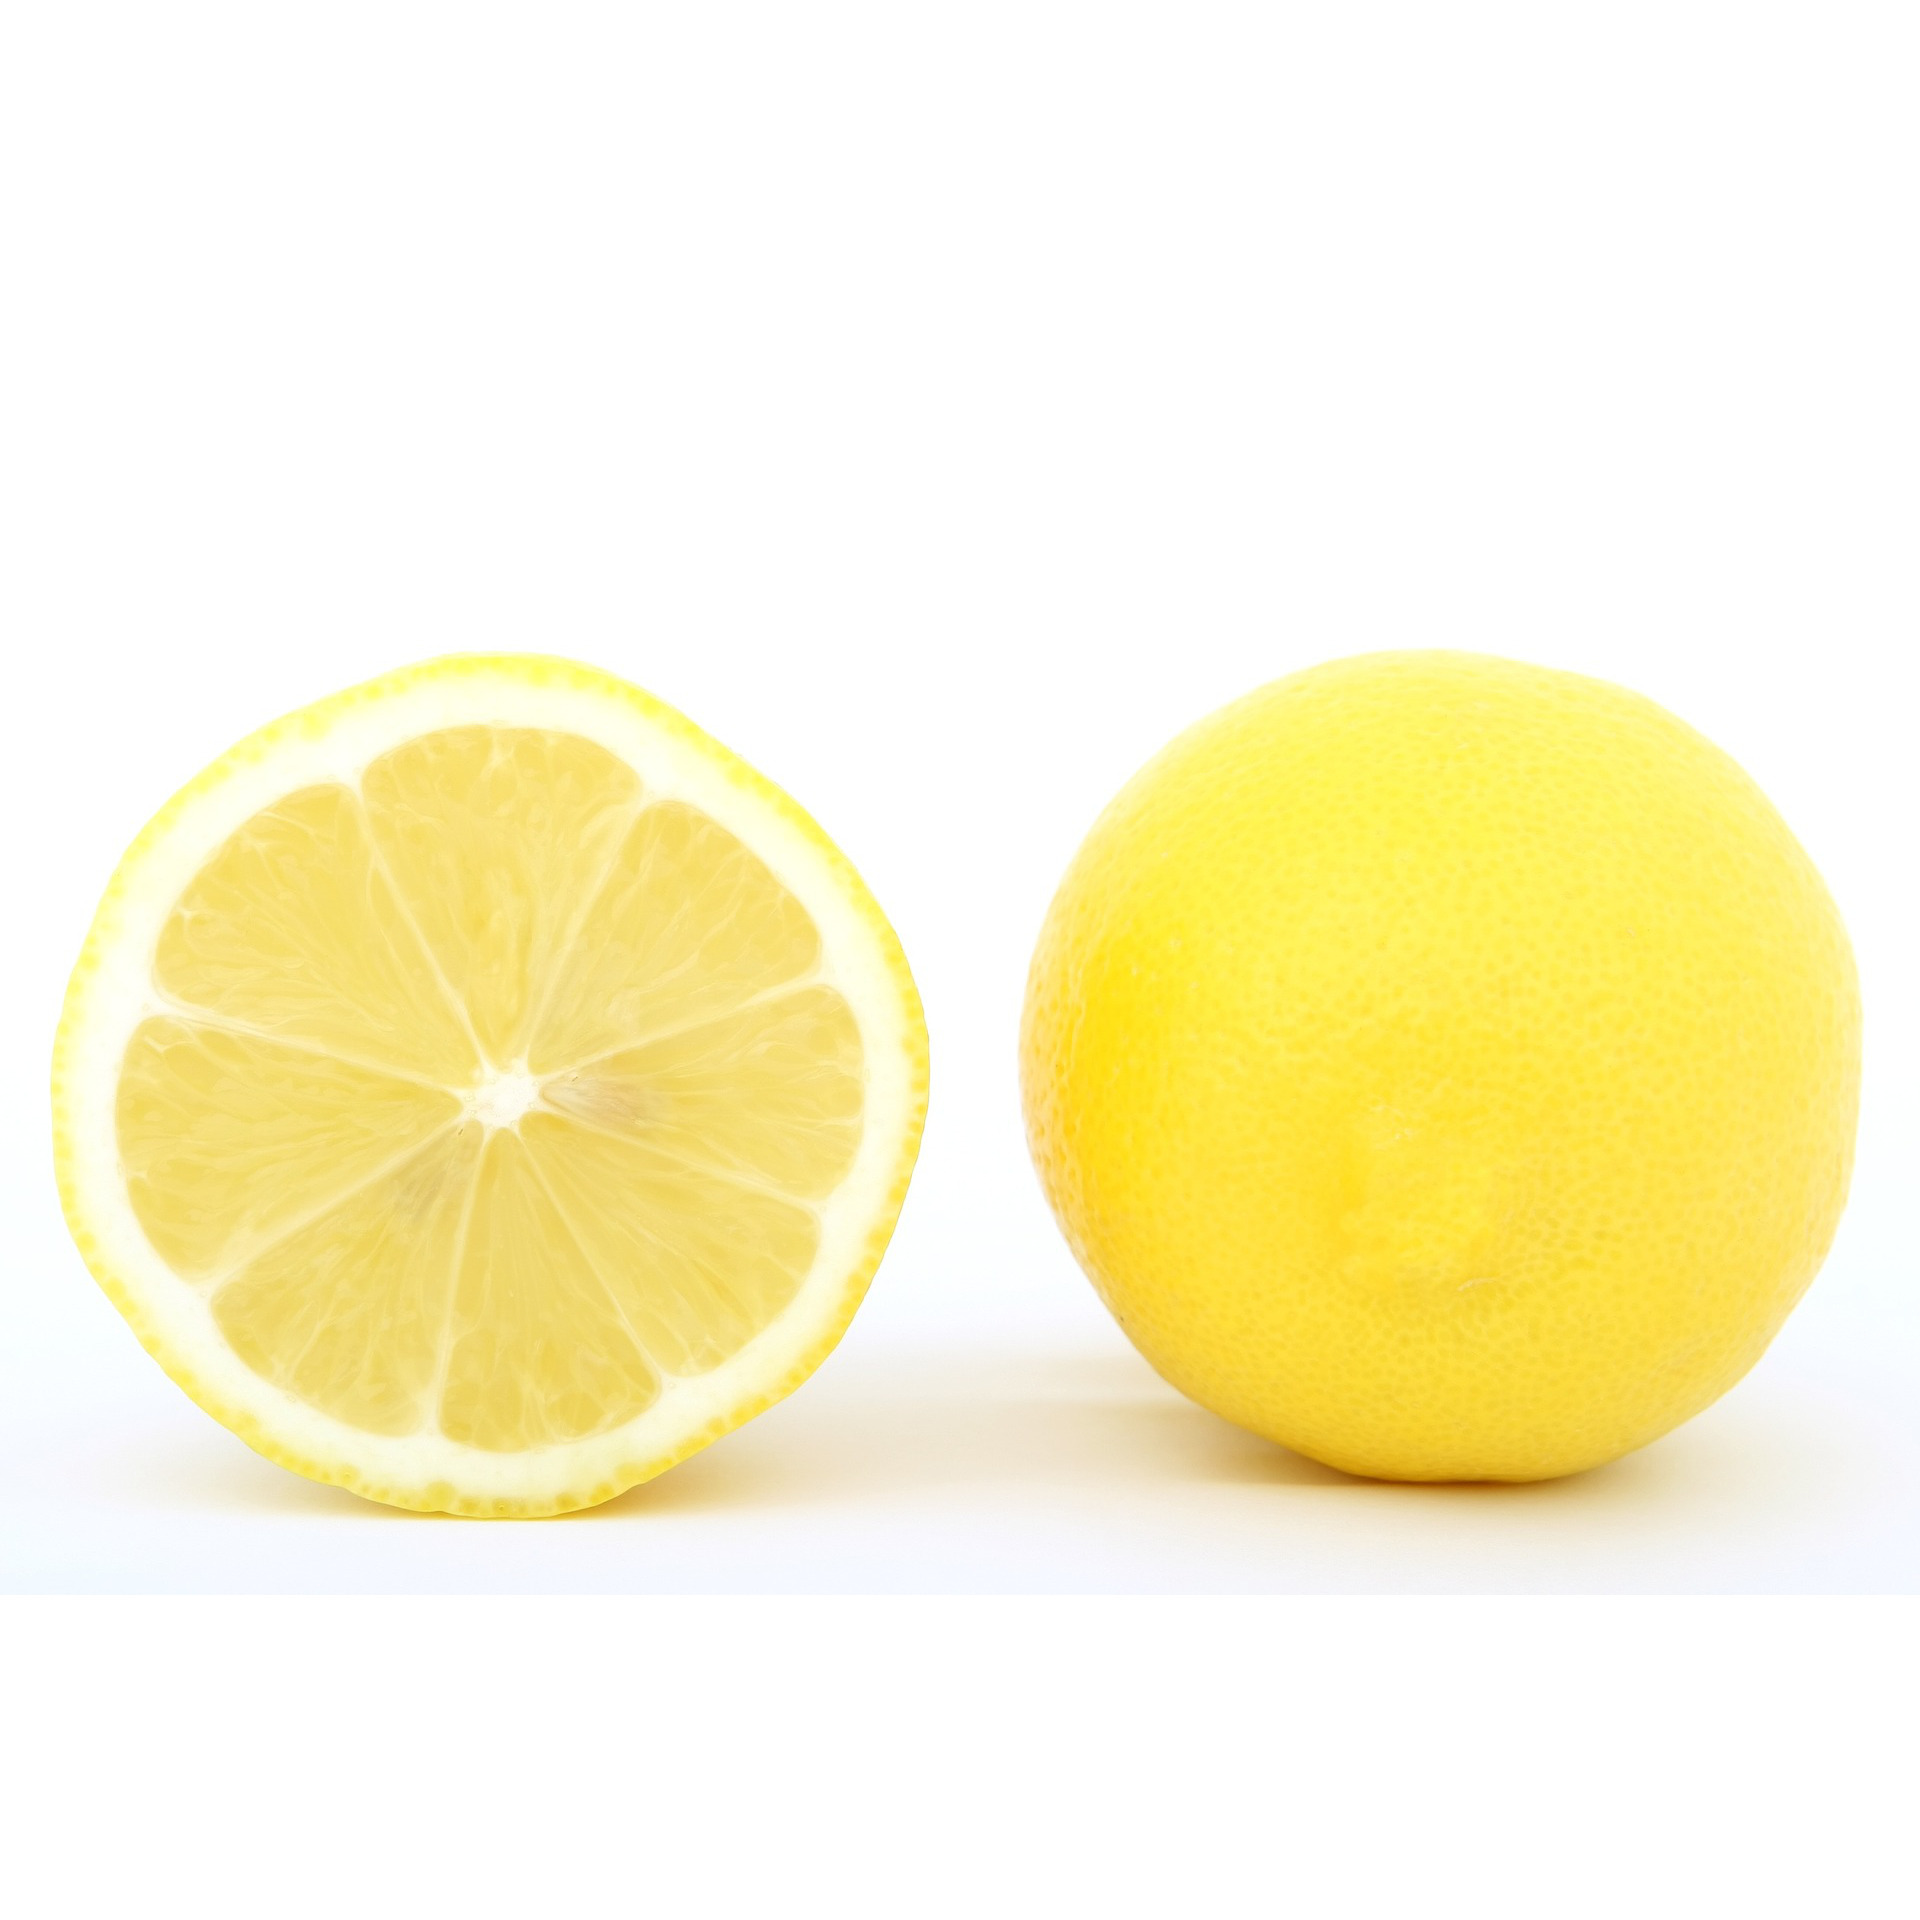 comprar limon en españa